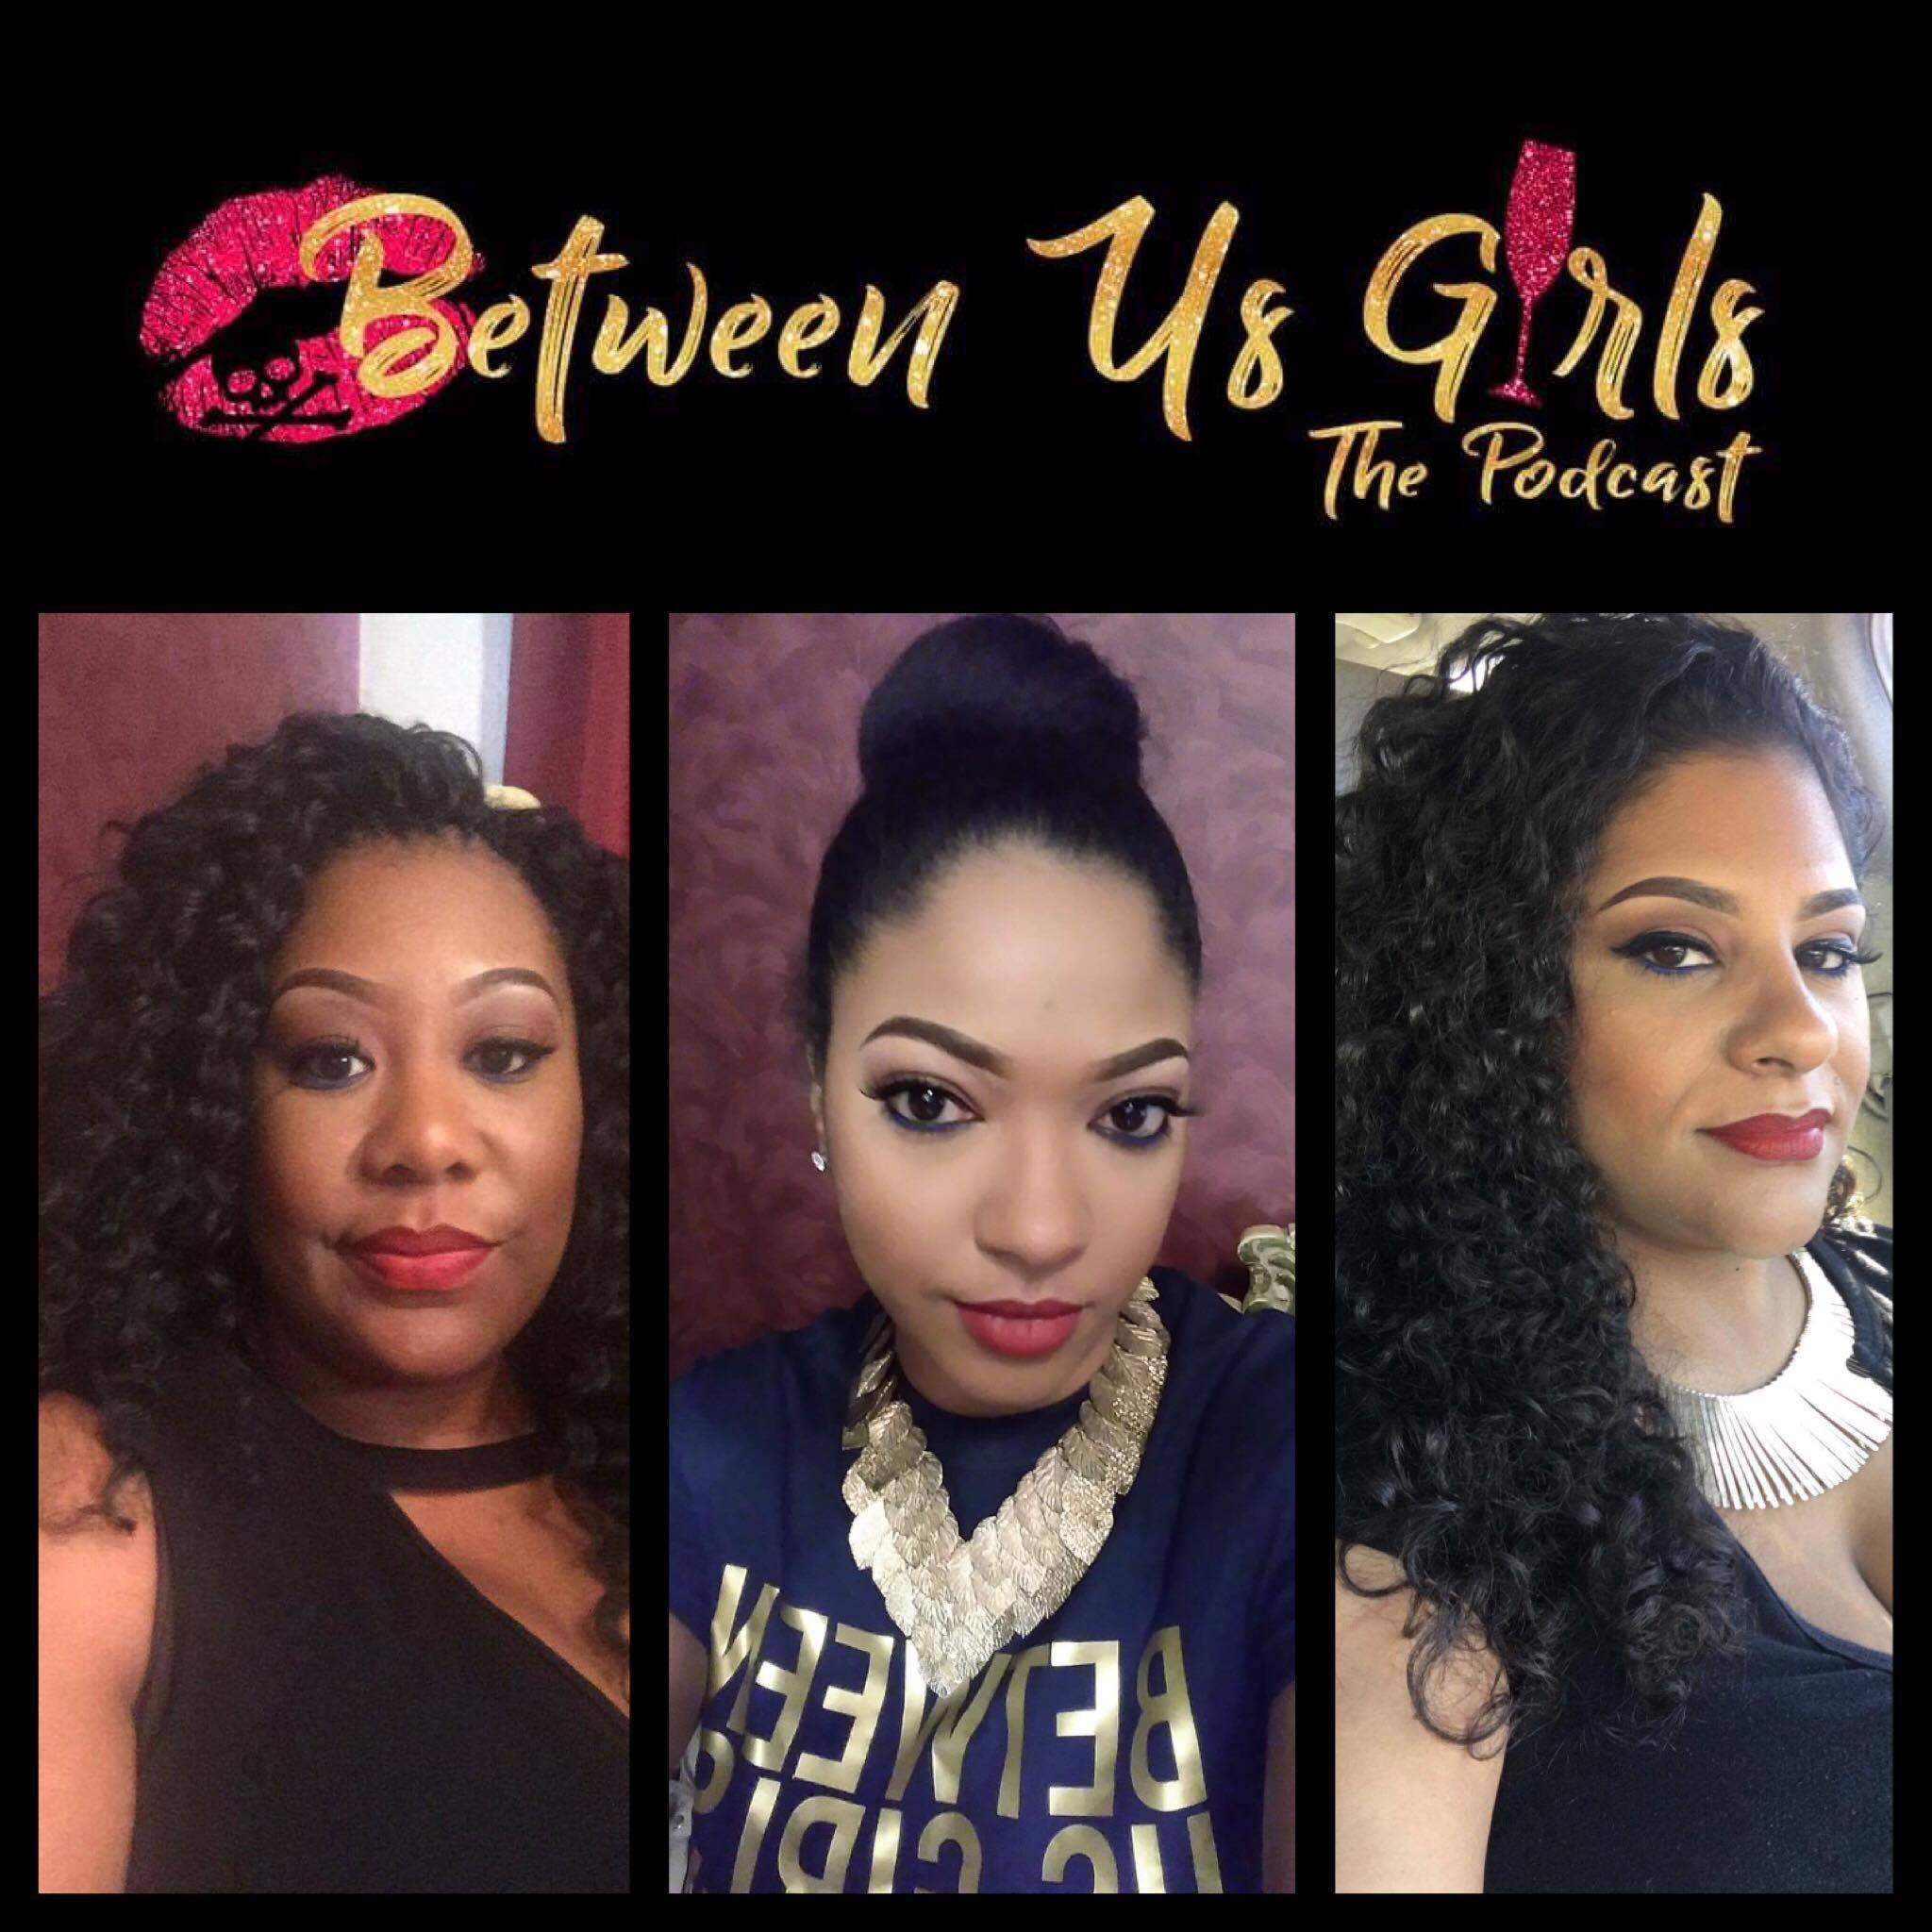 <![CDATA[Between Us Girls]]>